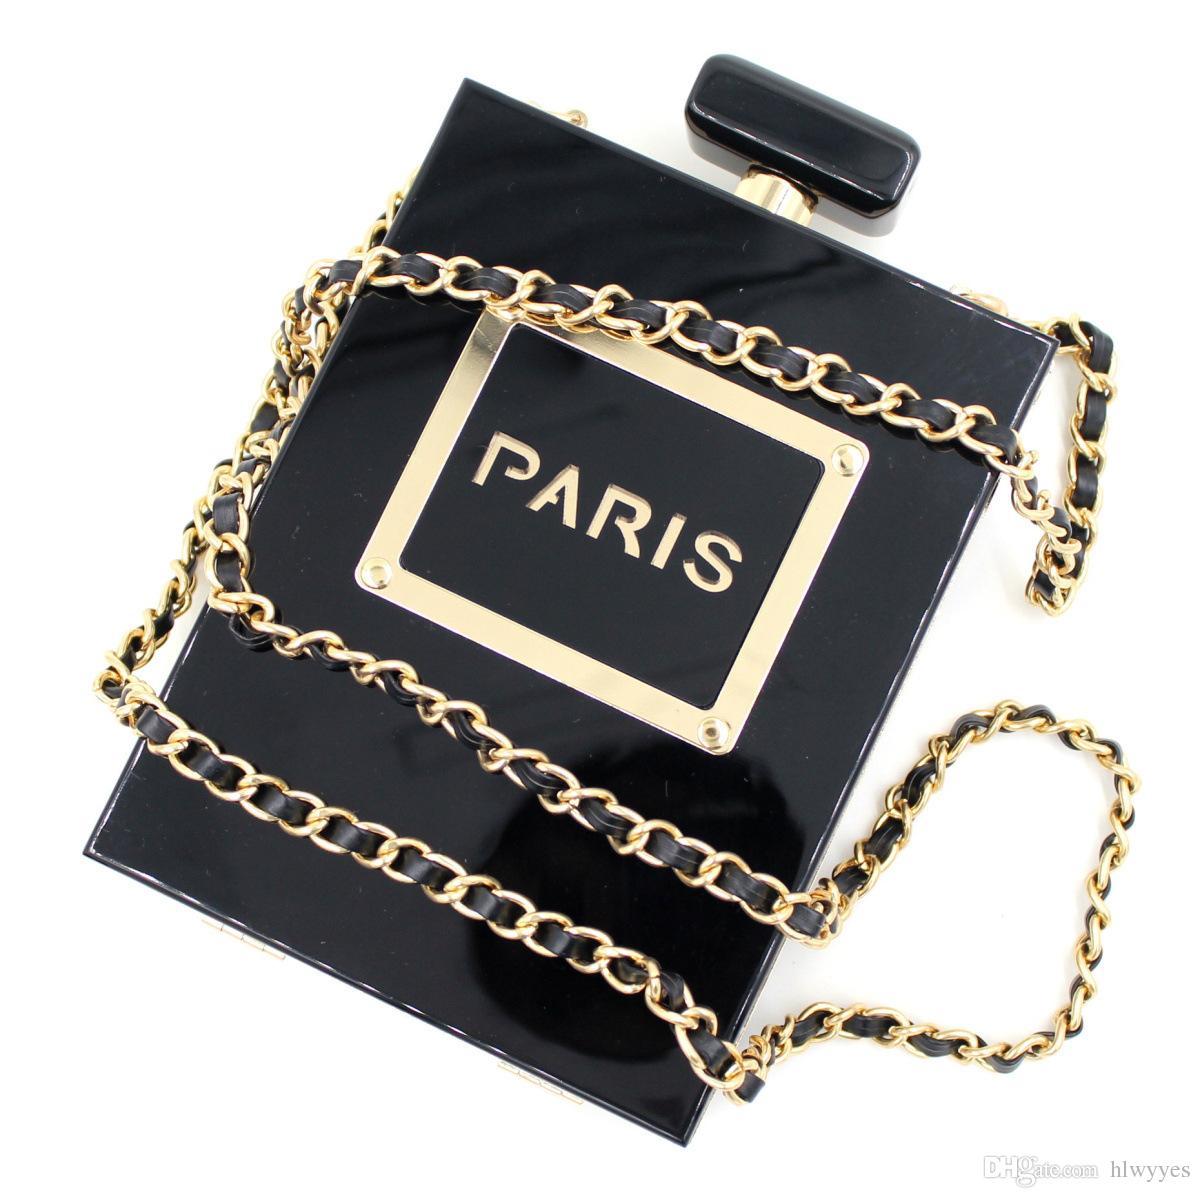 Neue Berühmte Marke Designer Acryl Box Parfümflaschen Form Kette Kupplung Abend Handtaschen Frauen Kupplungen Plexiglas Klar / Schwarz